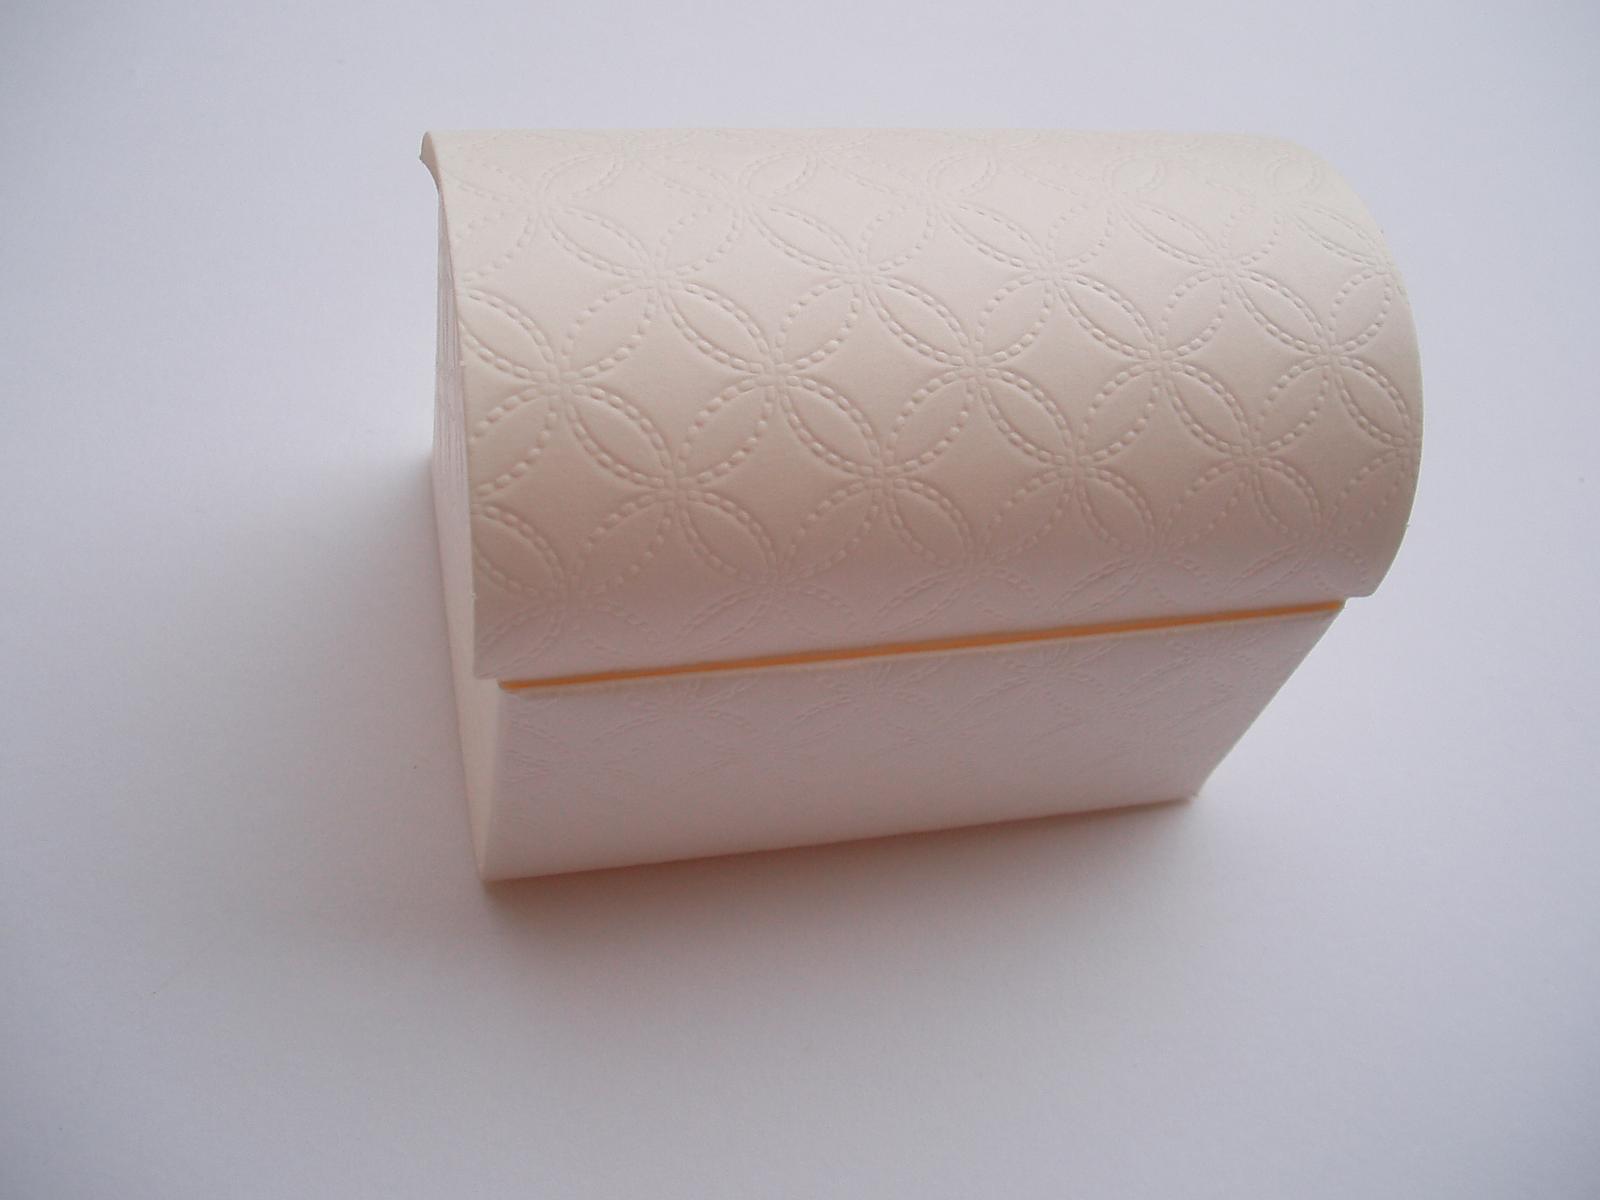 krabička bílá - Obrázek č. 3